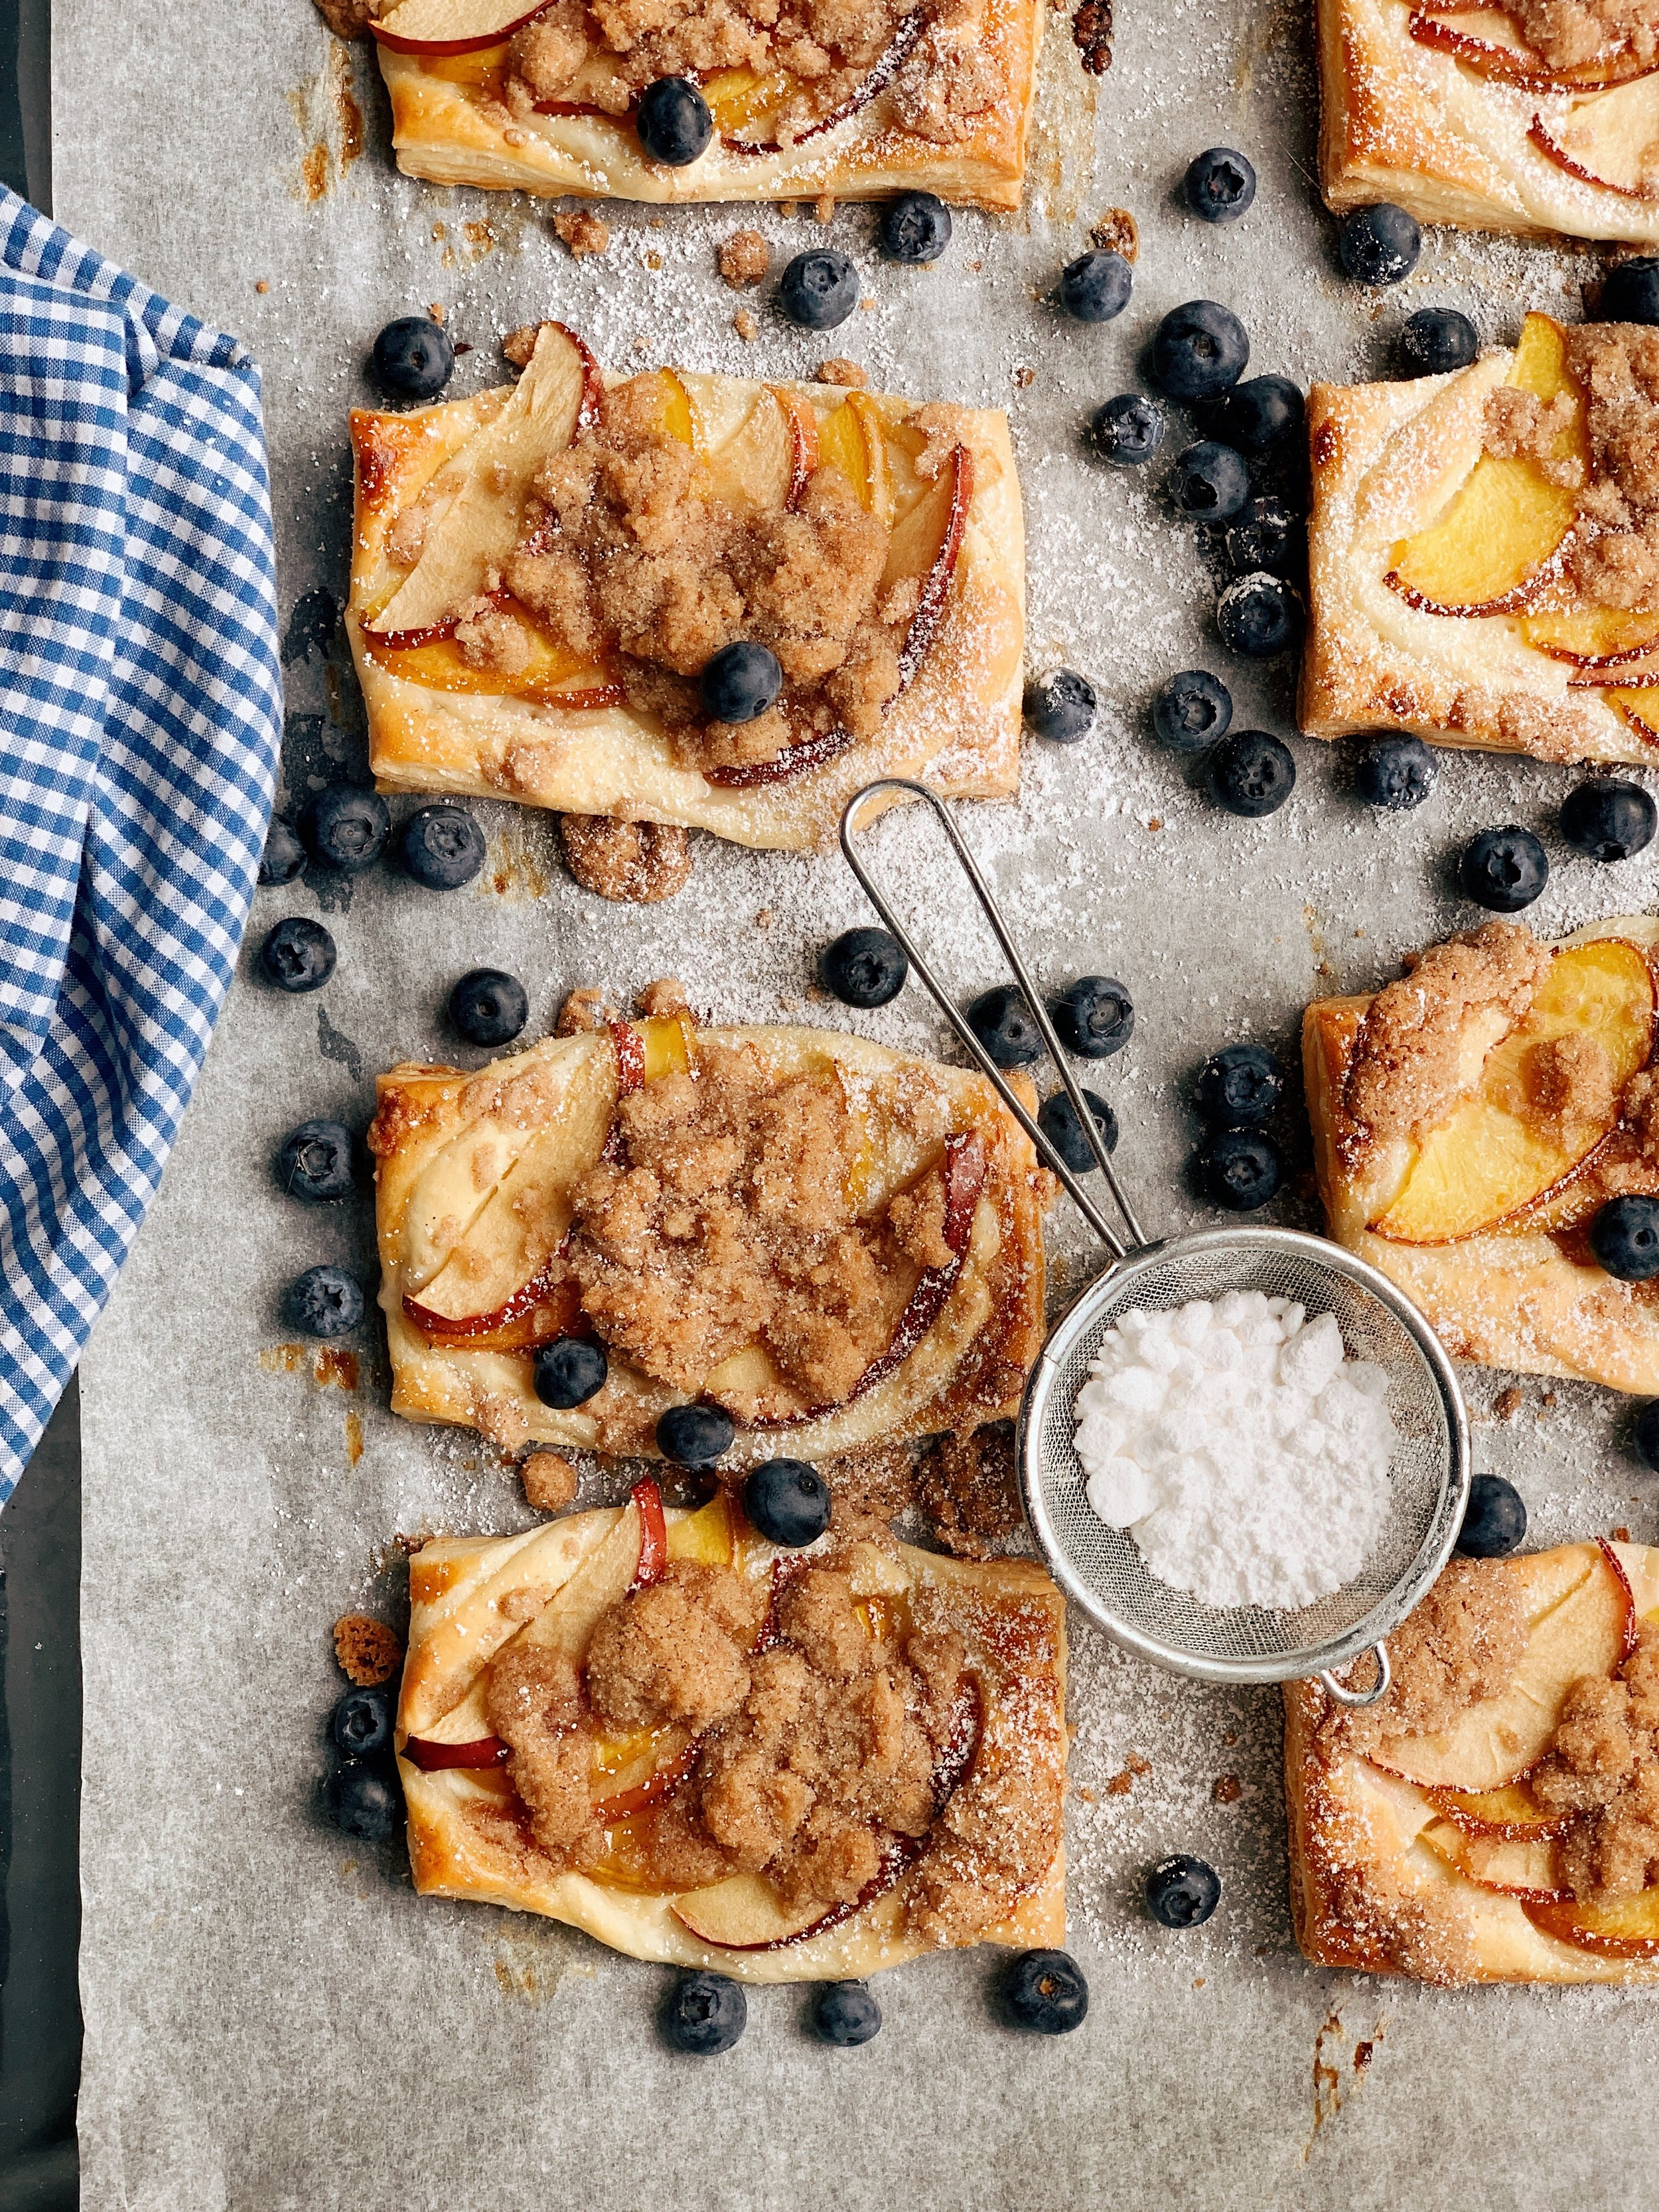 ābolu un nektarīnu maizītes ar svaigā siera krēmu - ja man piederētu bulciņu bode, šitās gatavotu katru rītu bez izņēmumiem - vienkārši, aši un garšo visiem - ir i kārtainā mīkla, i augļi, i drumstalas, i krēmīga pildījuma daļa. ja man kādreiz būs tā bulciņu bode, apsolu, ka uzaicināšu ciemos :)